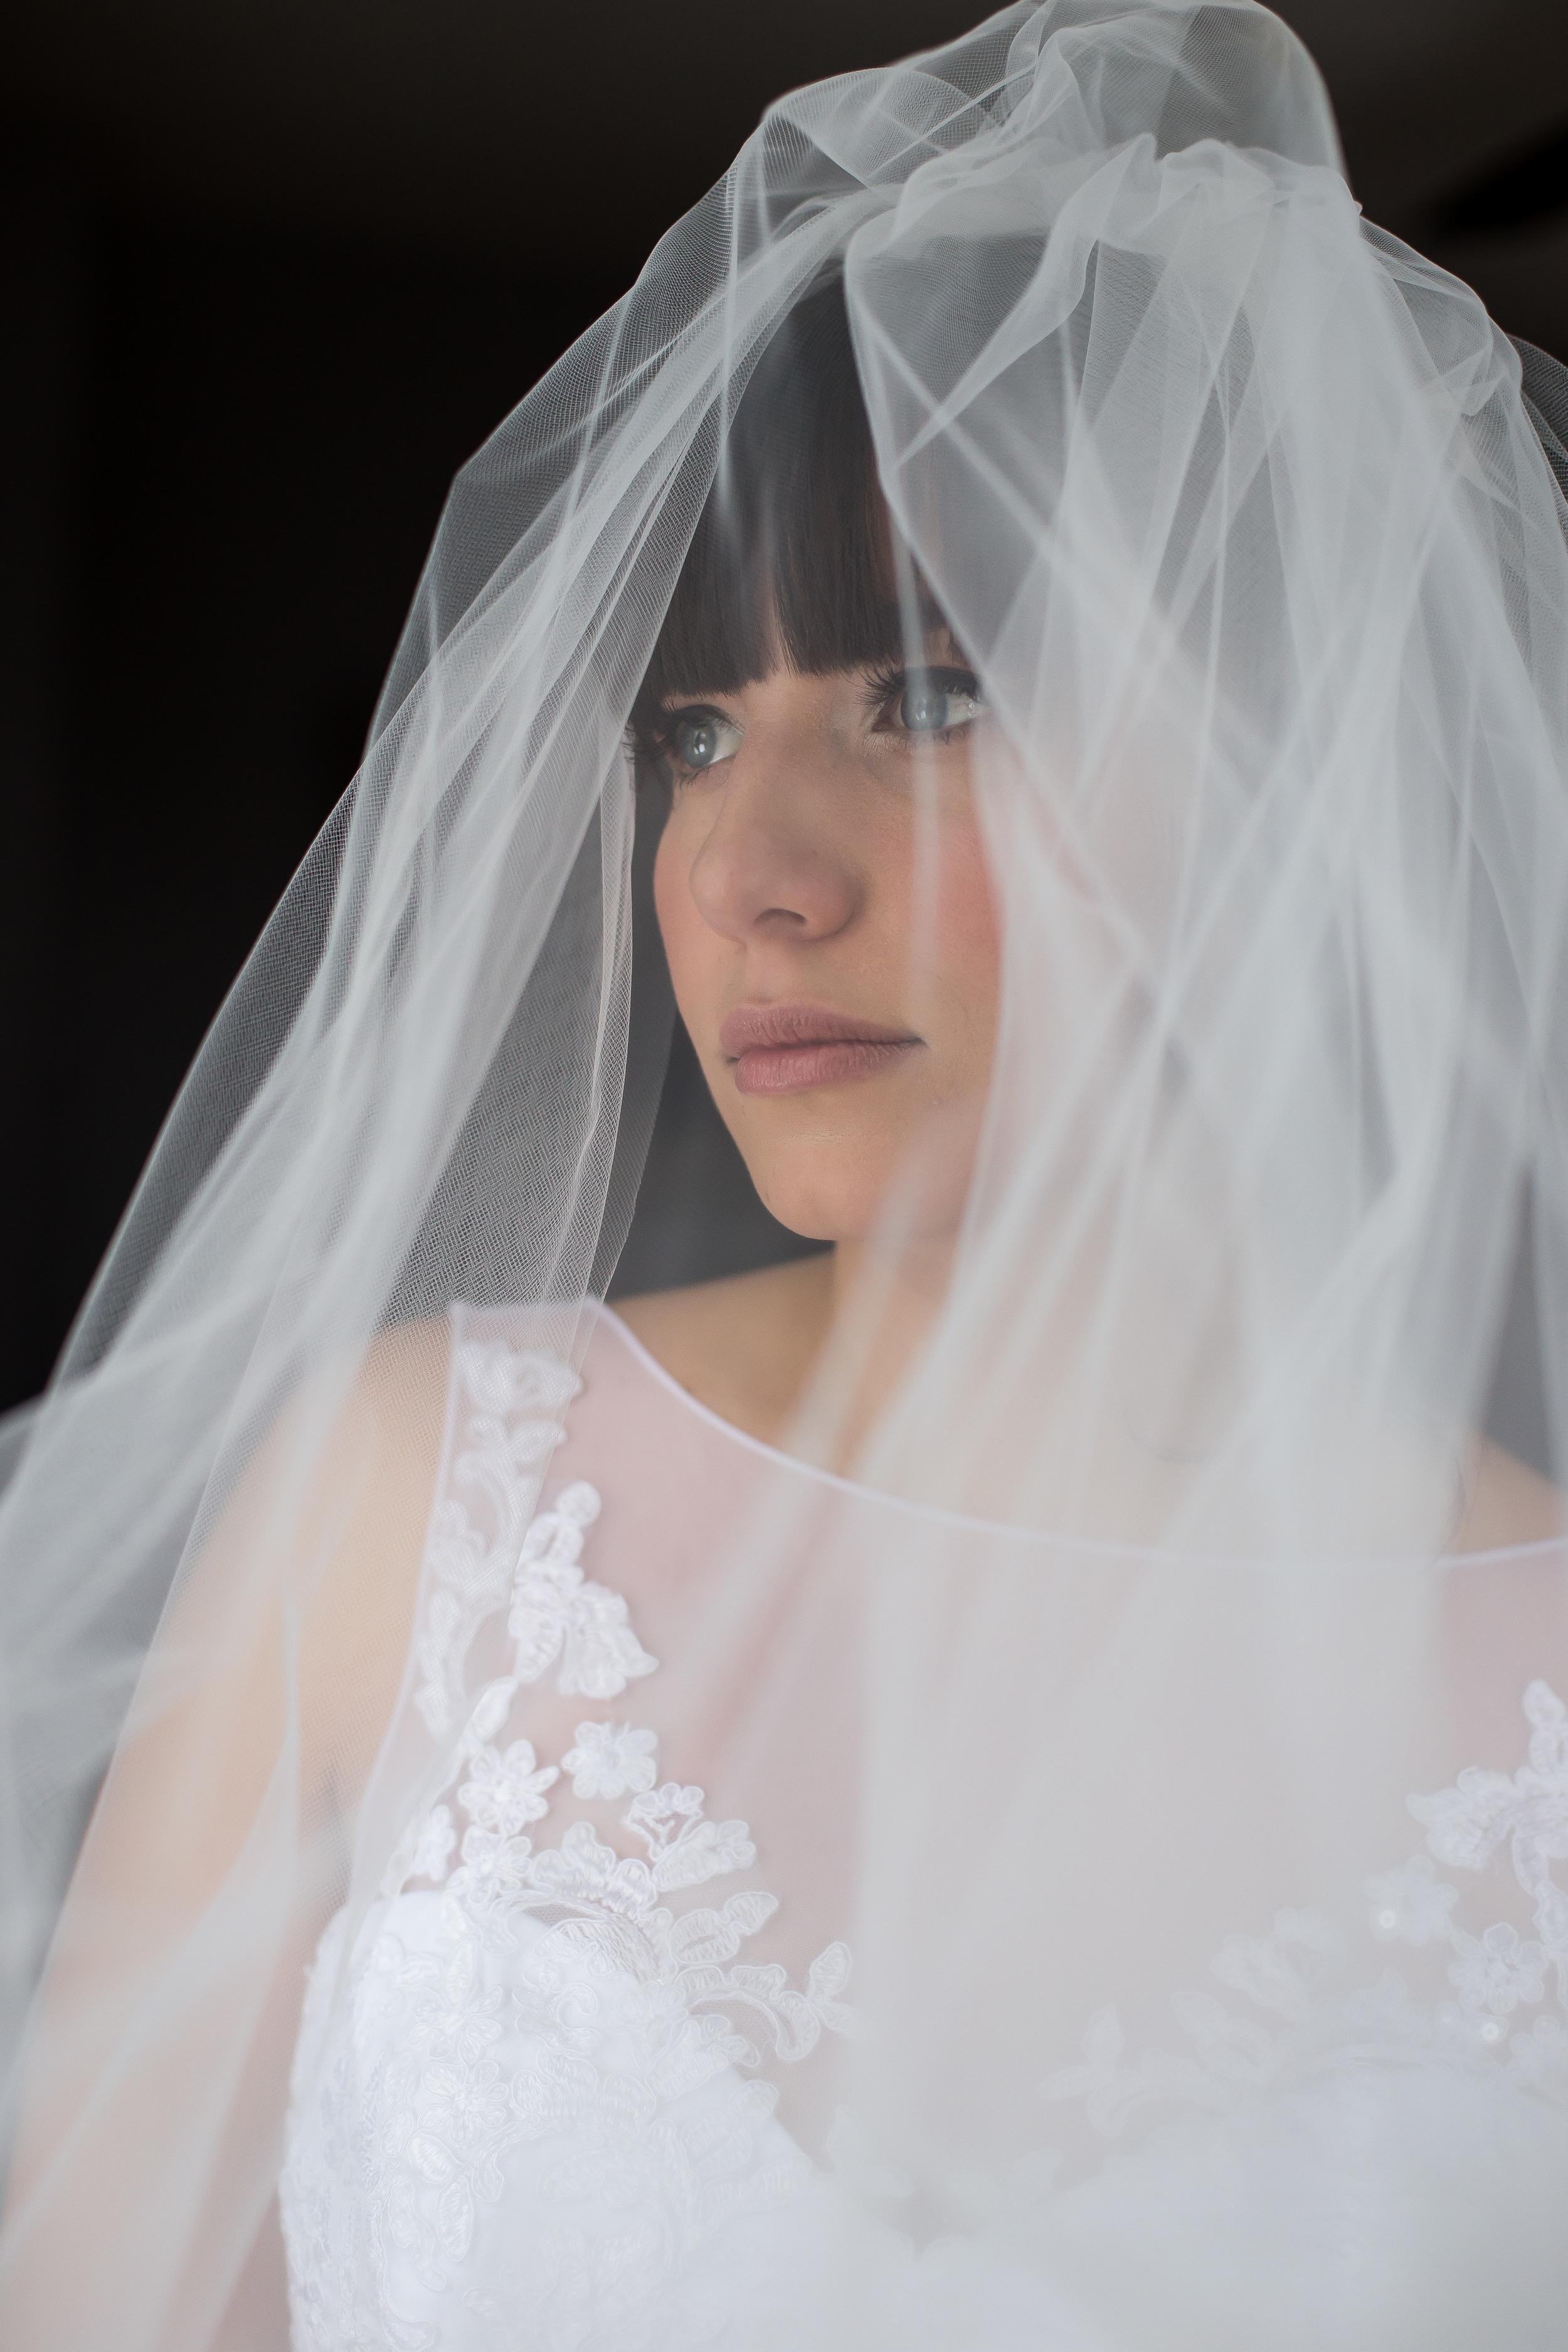 A portrait of the Bride